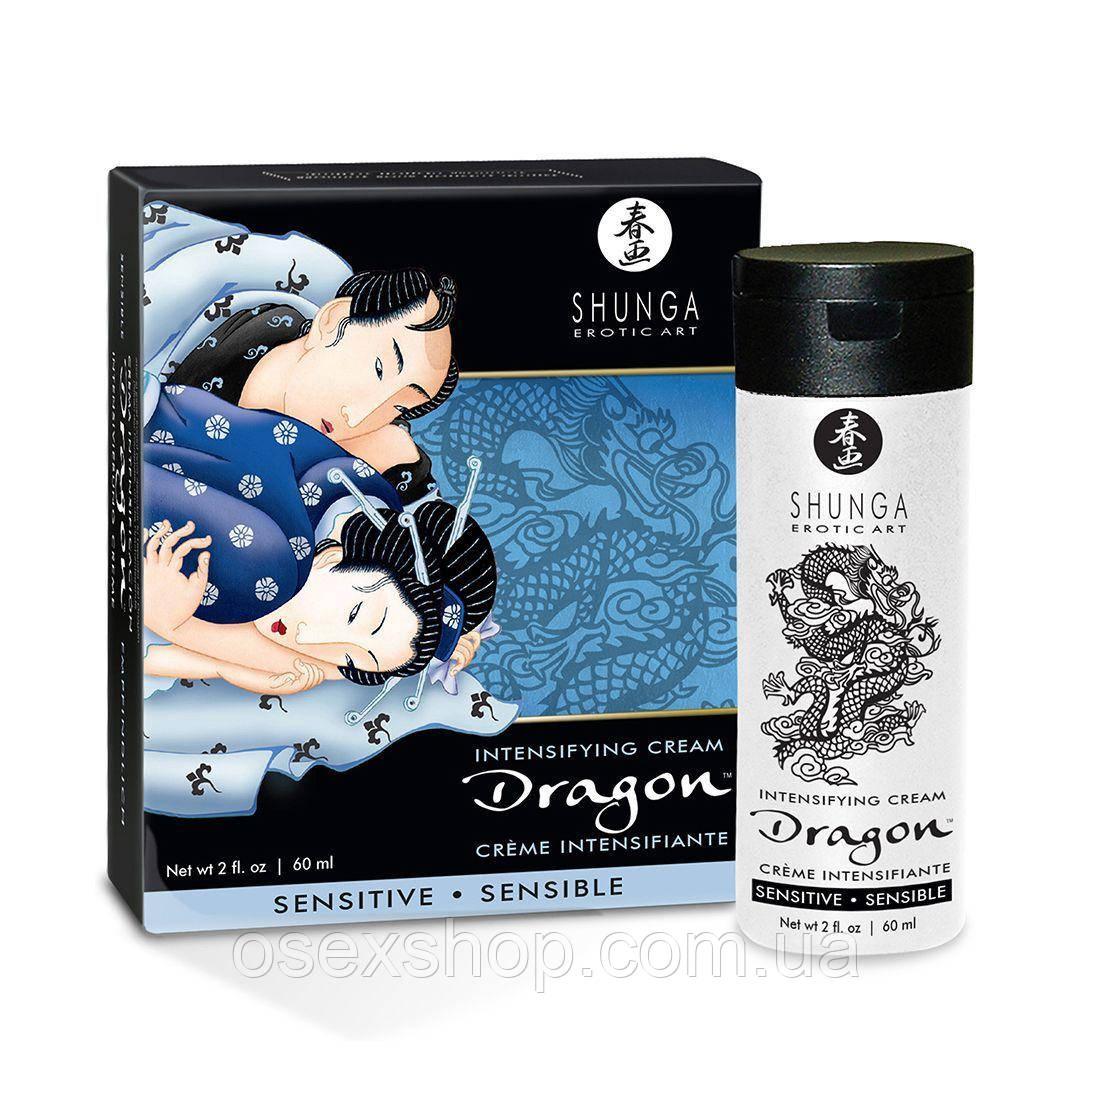 Стимулирующий крем для пар Shunga SHUNGA Dragon Cream SENSITIVE (60 мл) более нежный эффект